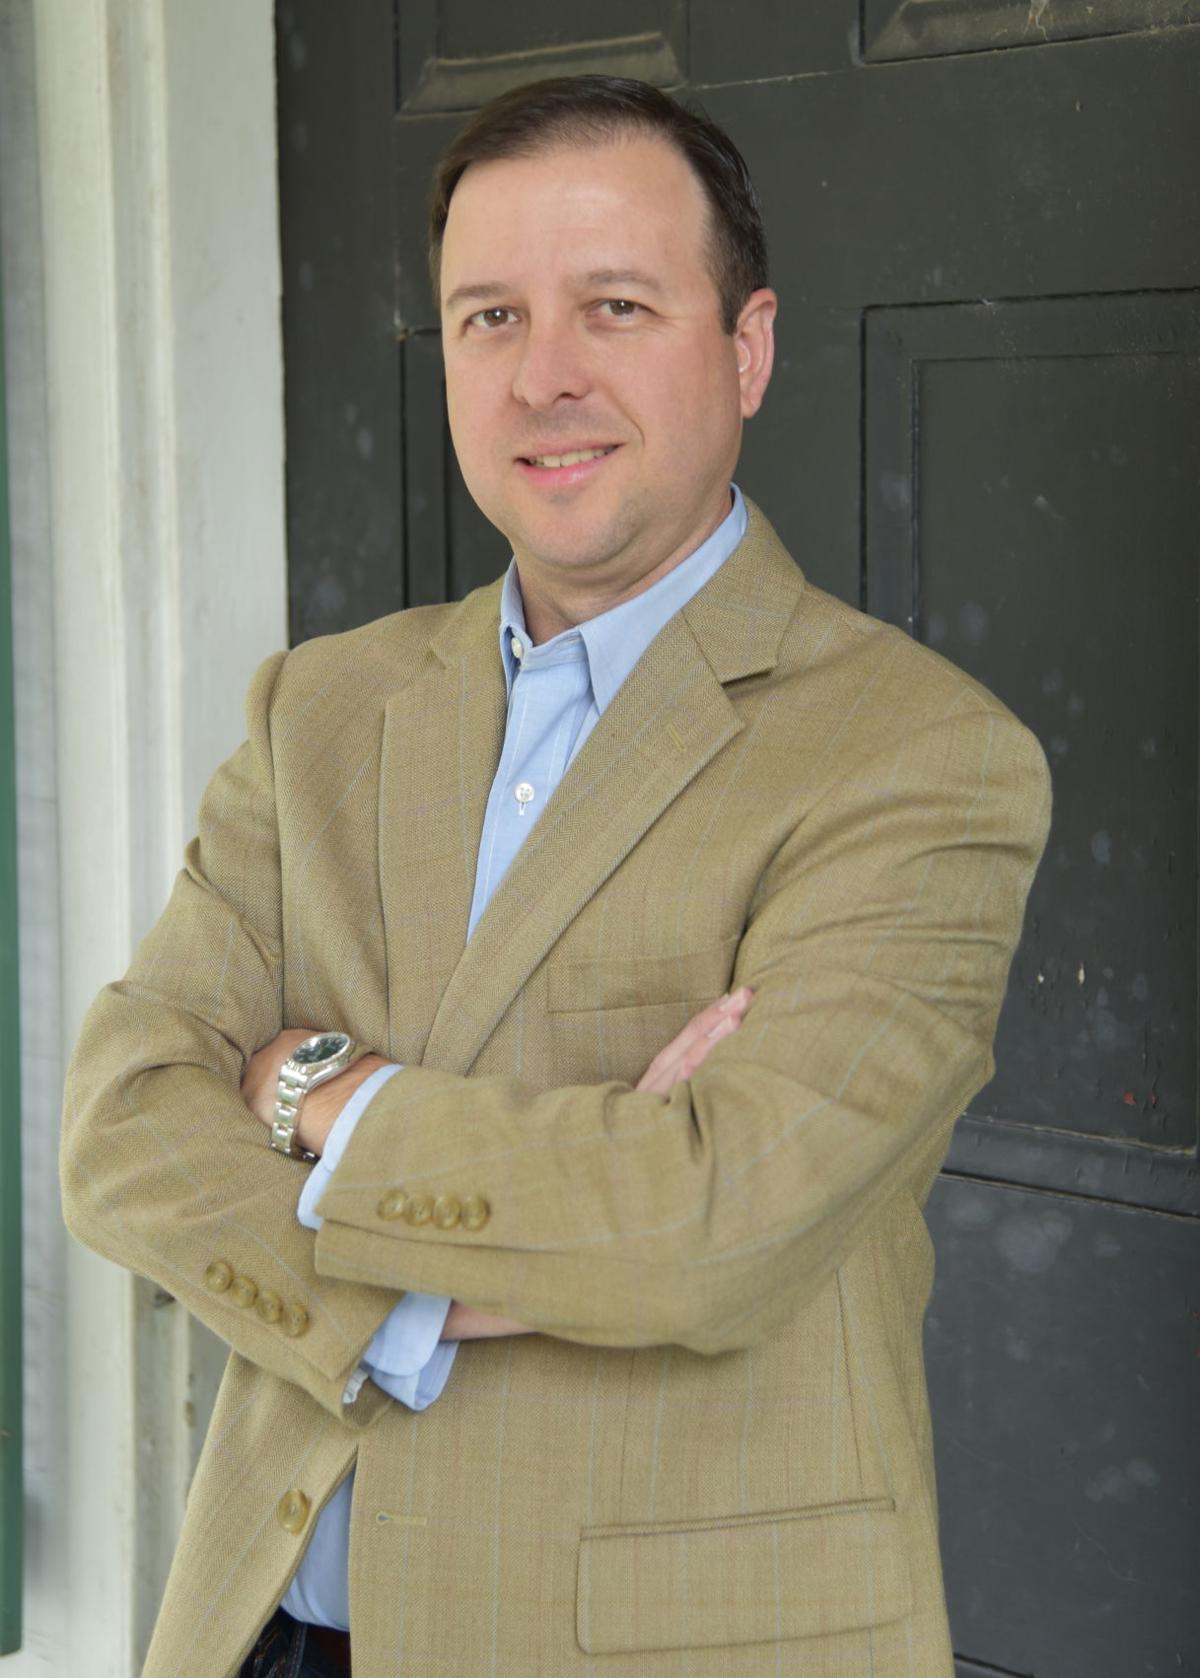 Jeremy LaCombe